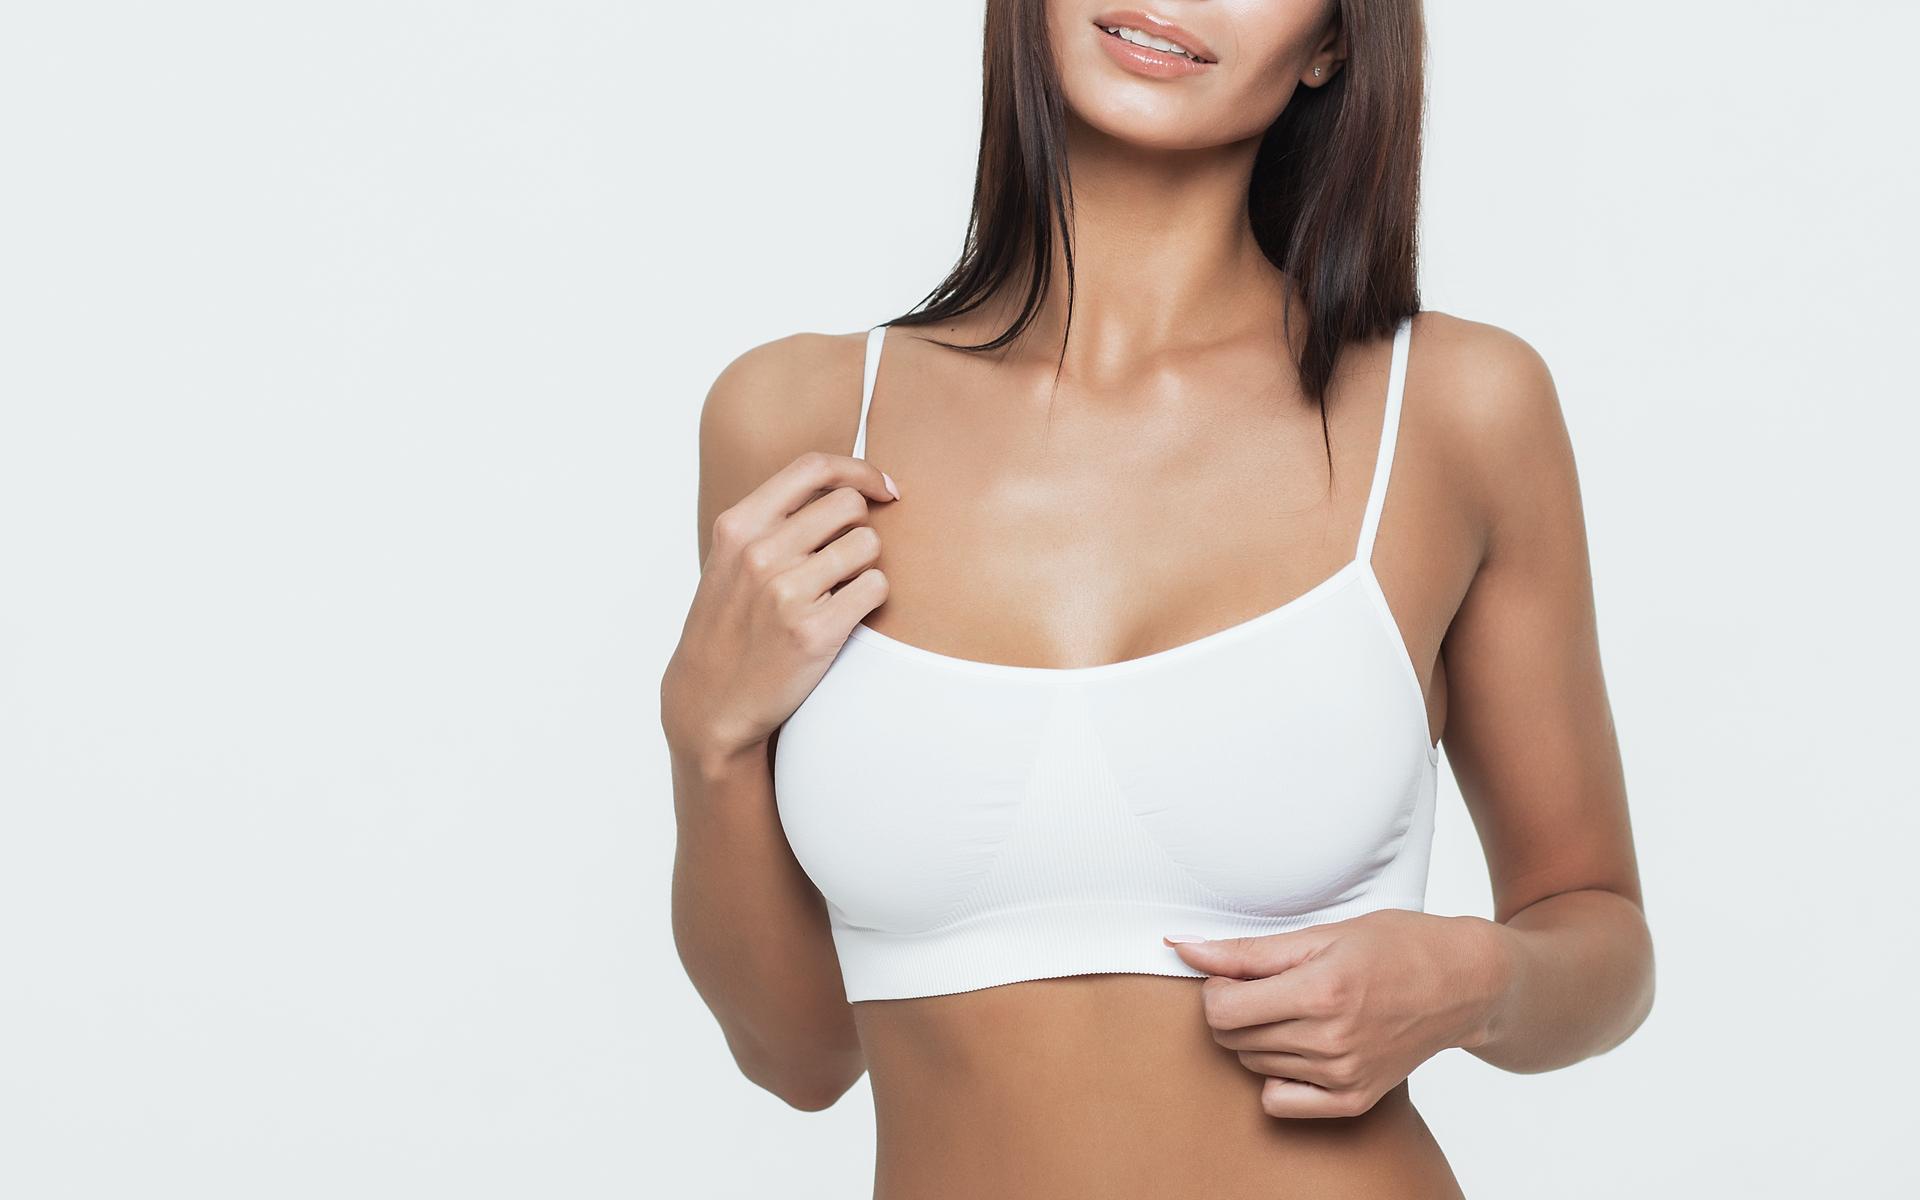 VA cirugia mamaria